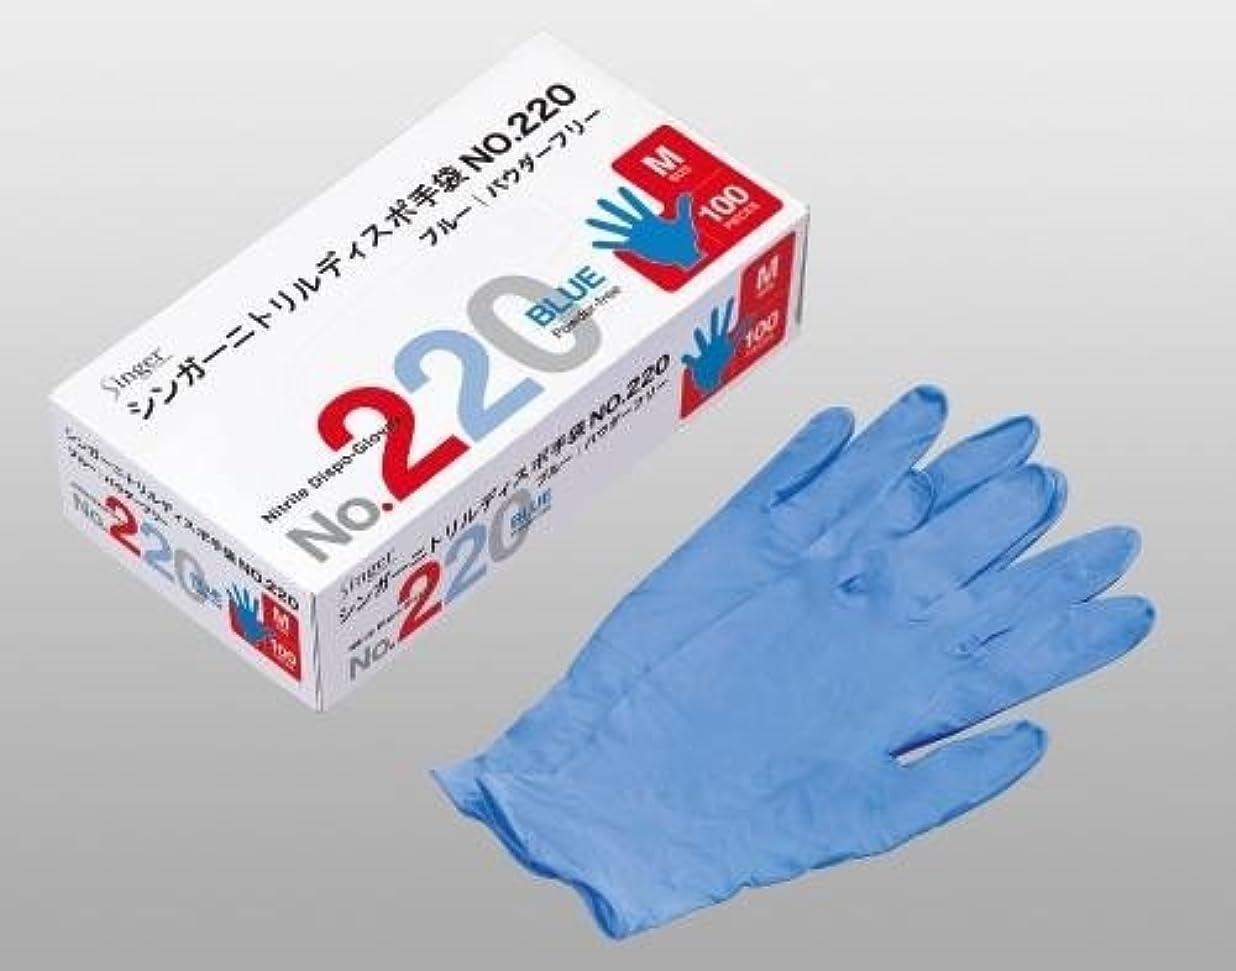 リア王痛い痛いシンガーニトリルディスポ手袋 No.220 ブルー パウダーフリー(100枚) S